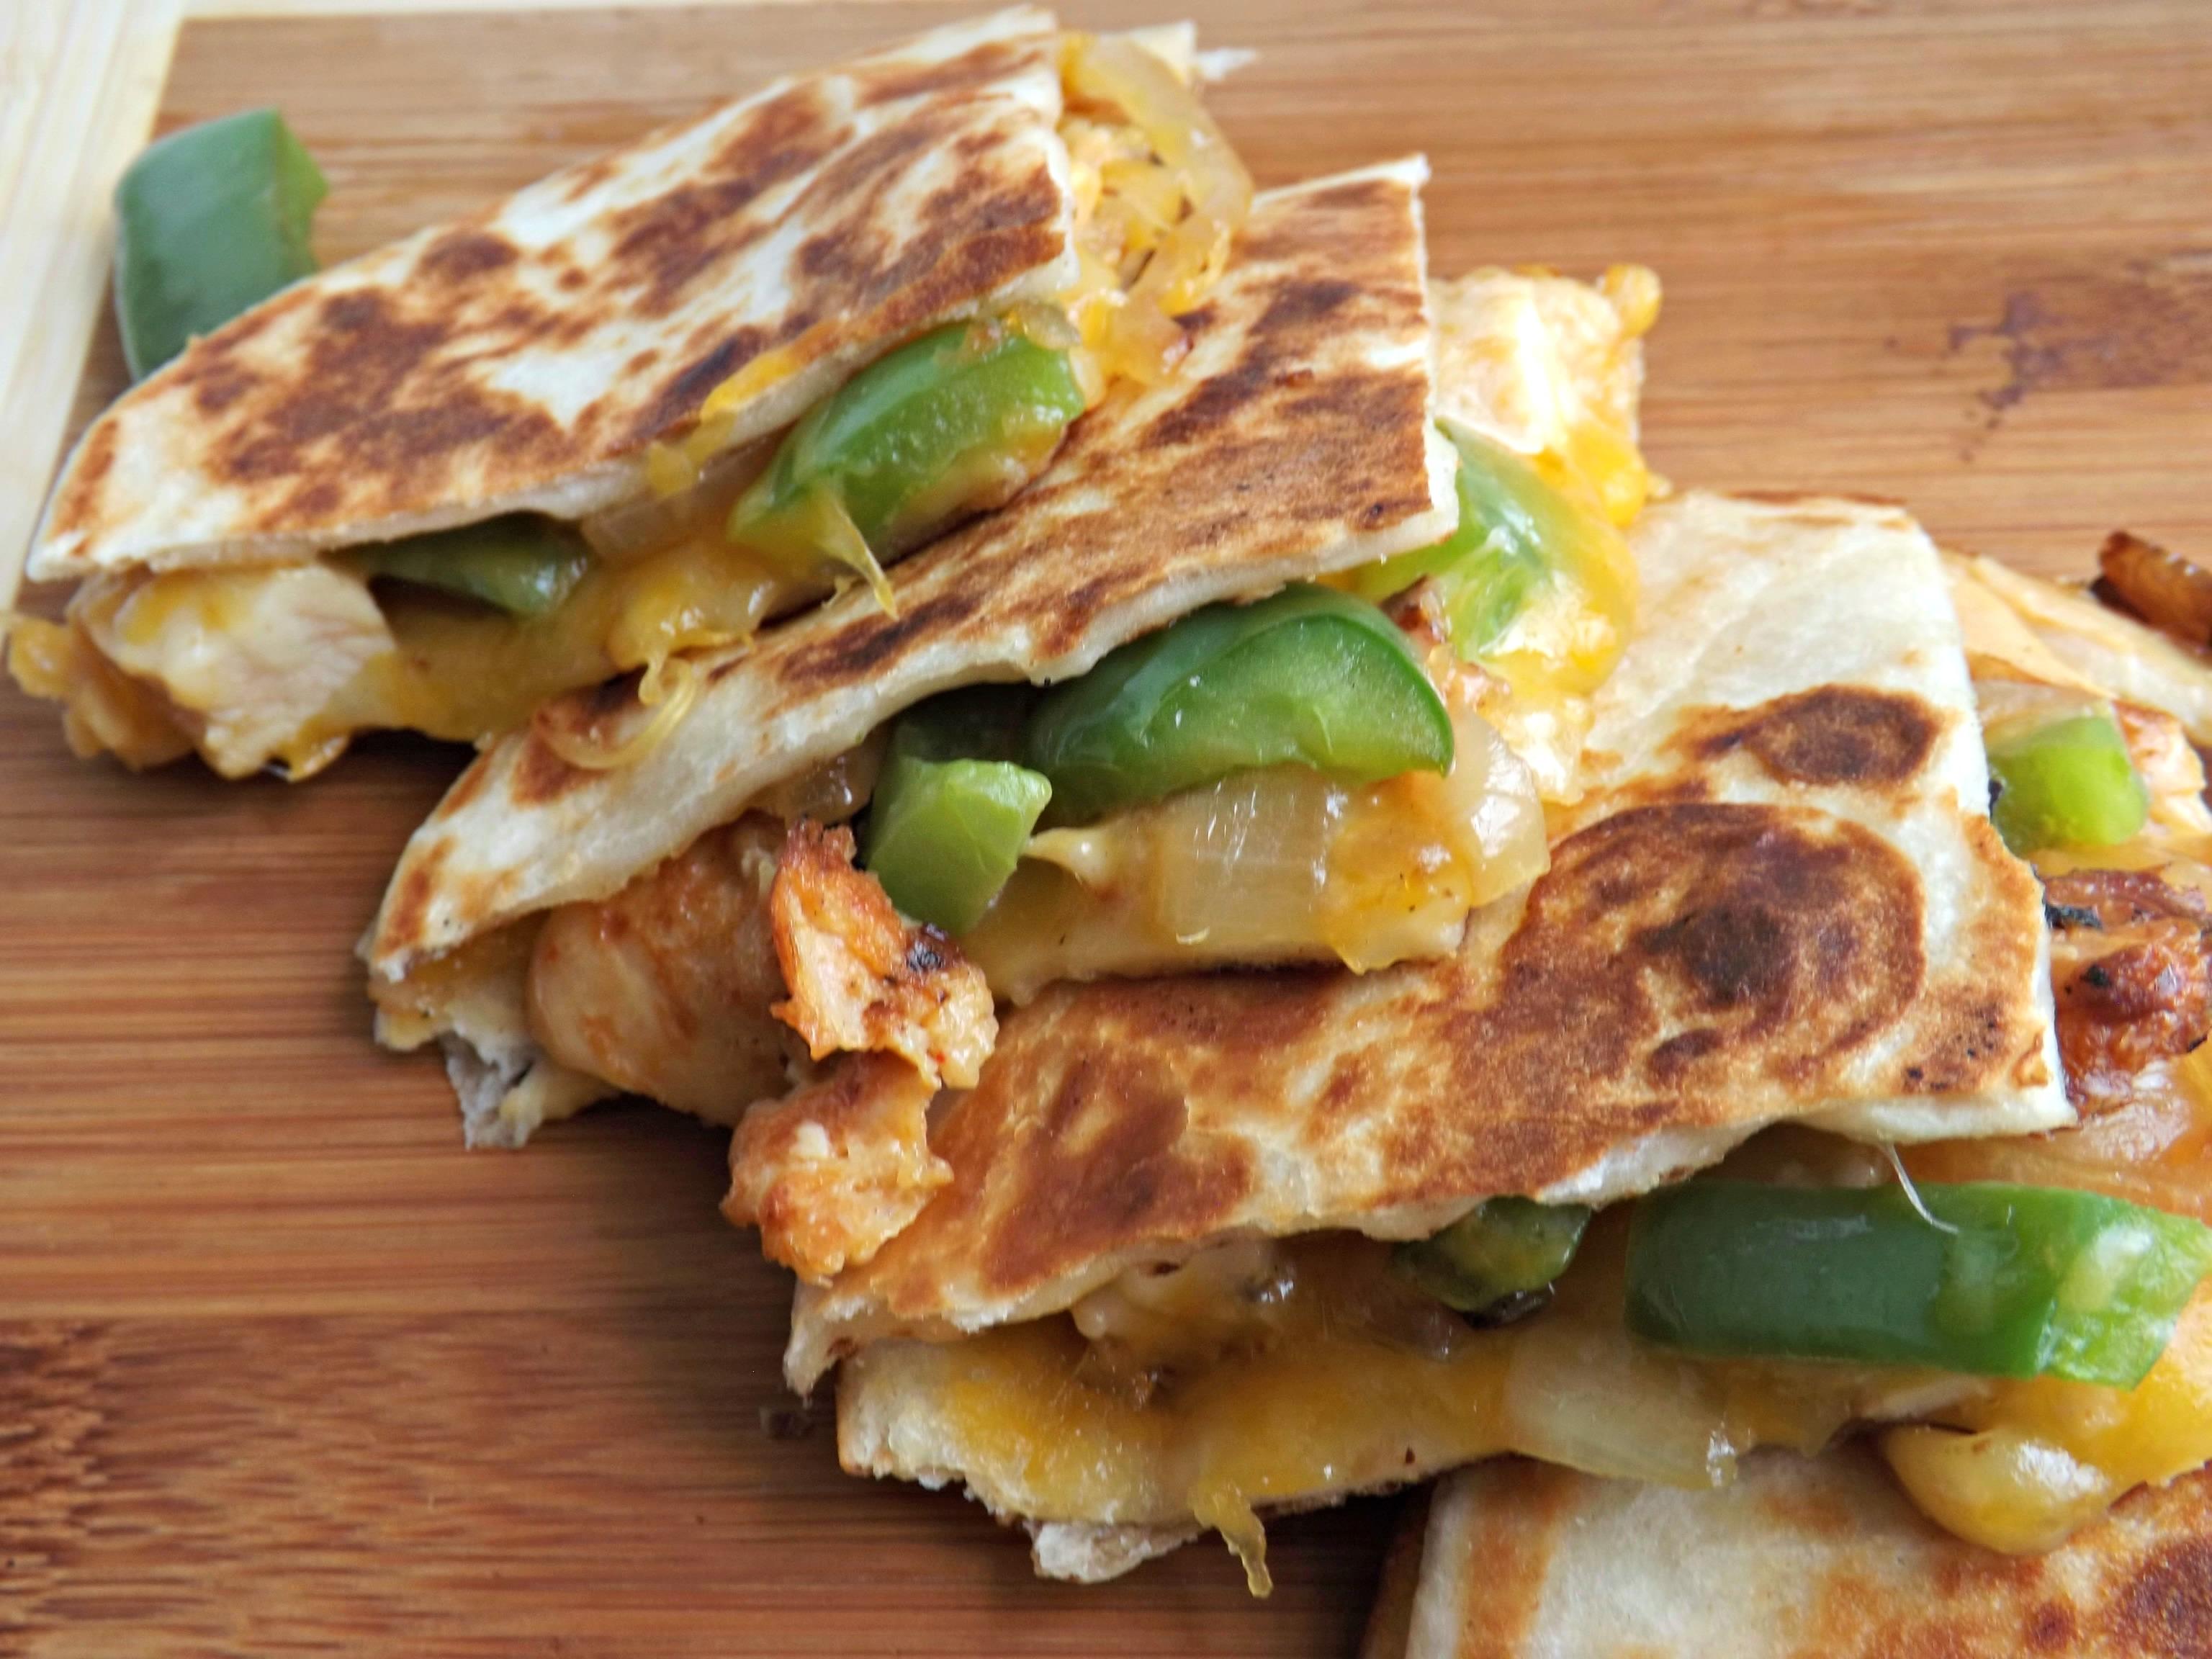 Cheesy Chicken Fajita Quesadillas